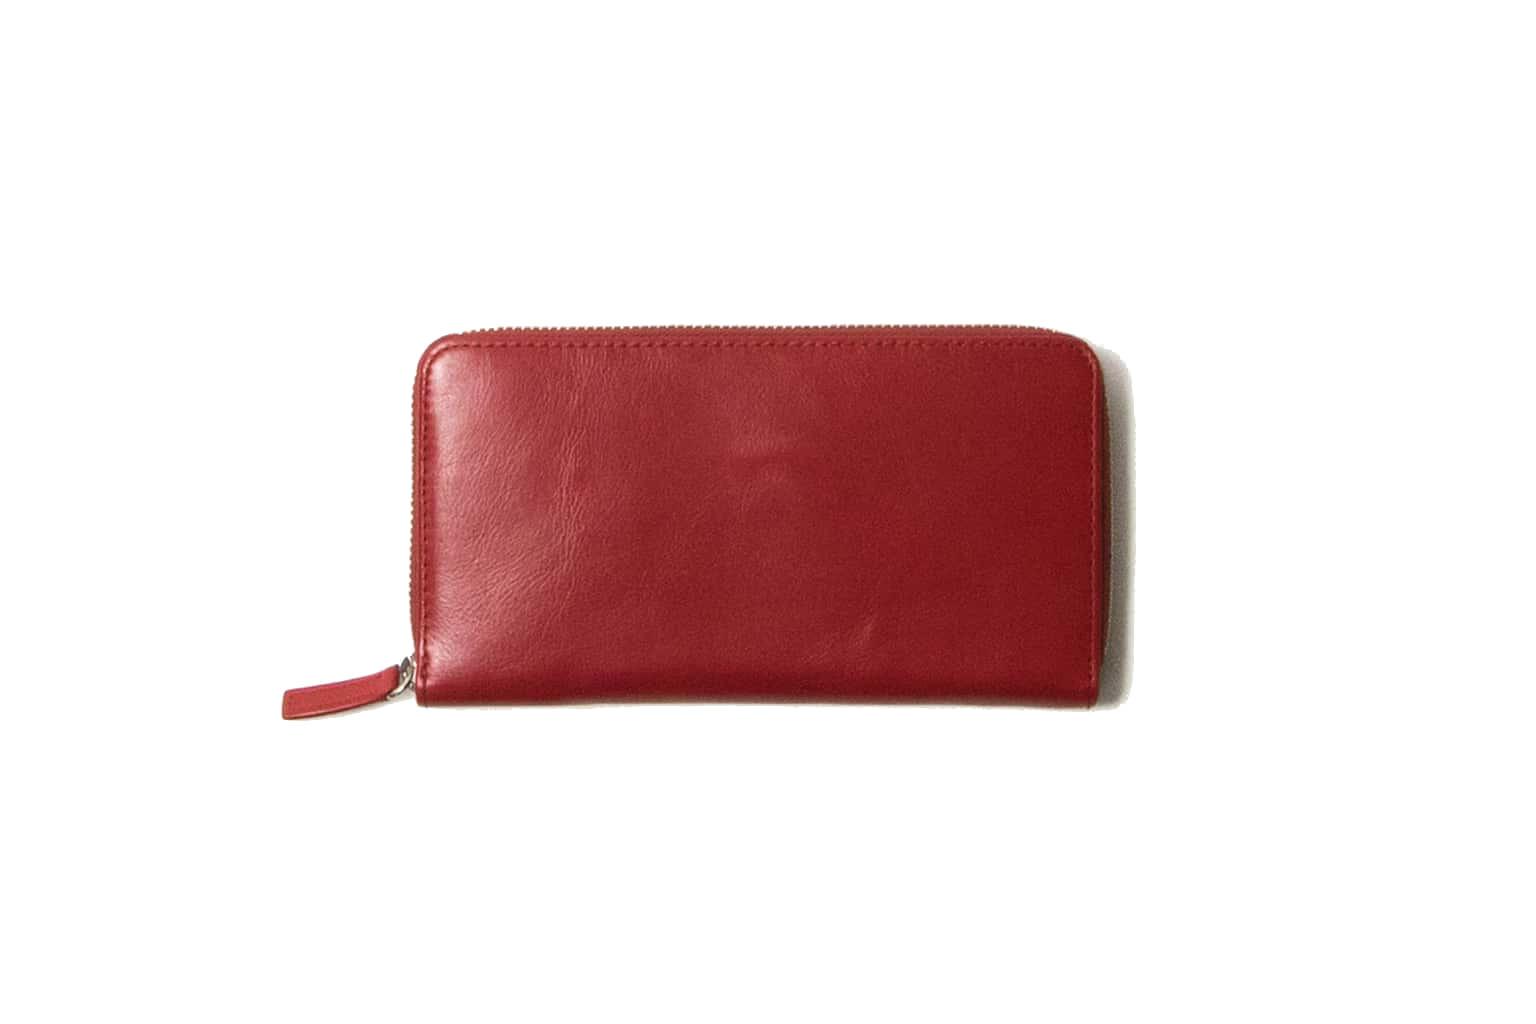 ロイヤルレッド Business Leather Factory(ビジネスレザーファクトリー) 長財布(ラウンドファスナー)